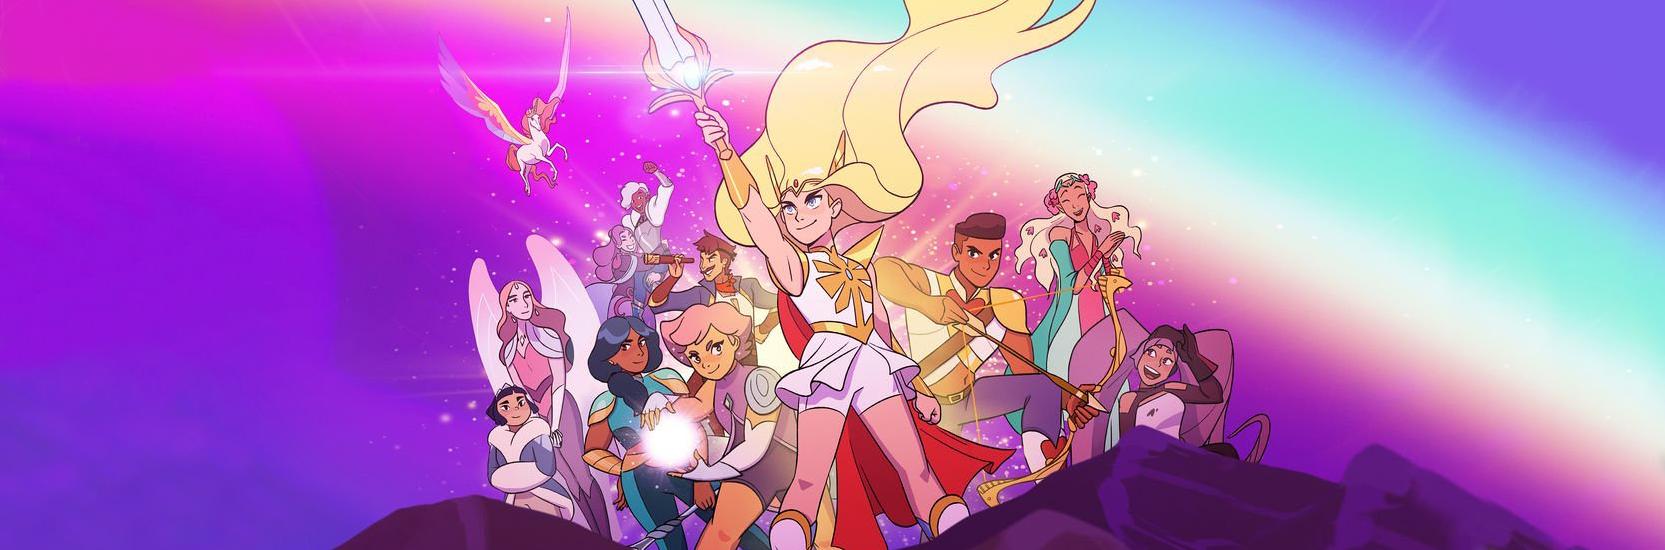 Critique – She-Ra et les princesses aux pouvoirs